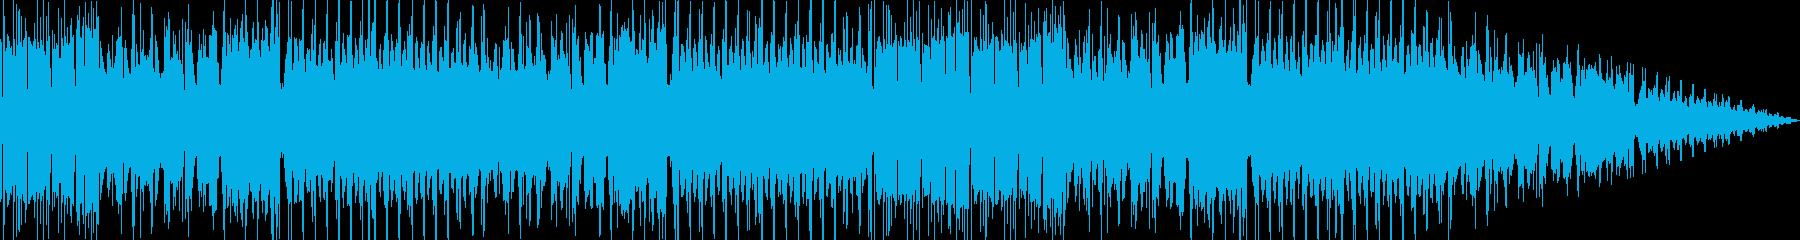 チップチューンによるジャズフージョン系曲の再生済みの波形